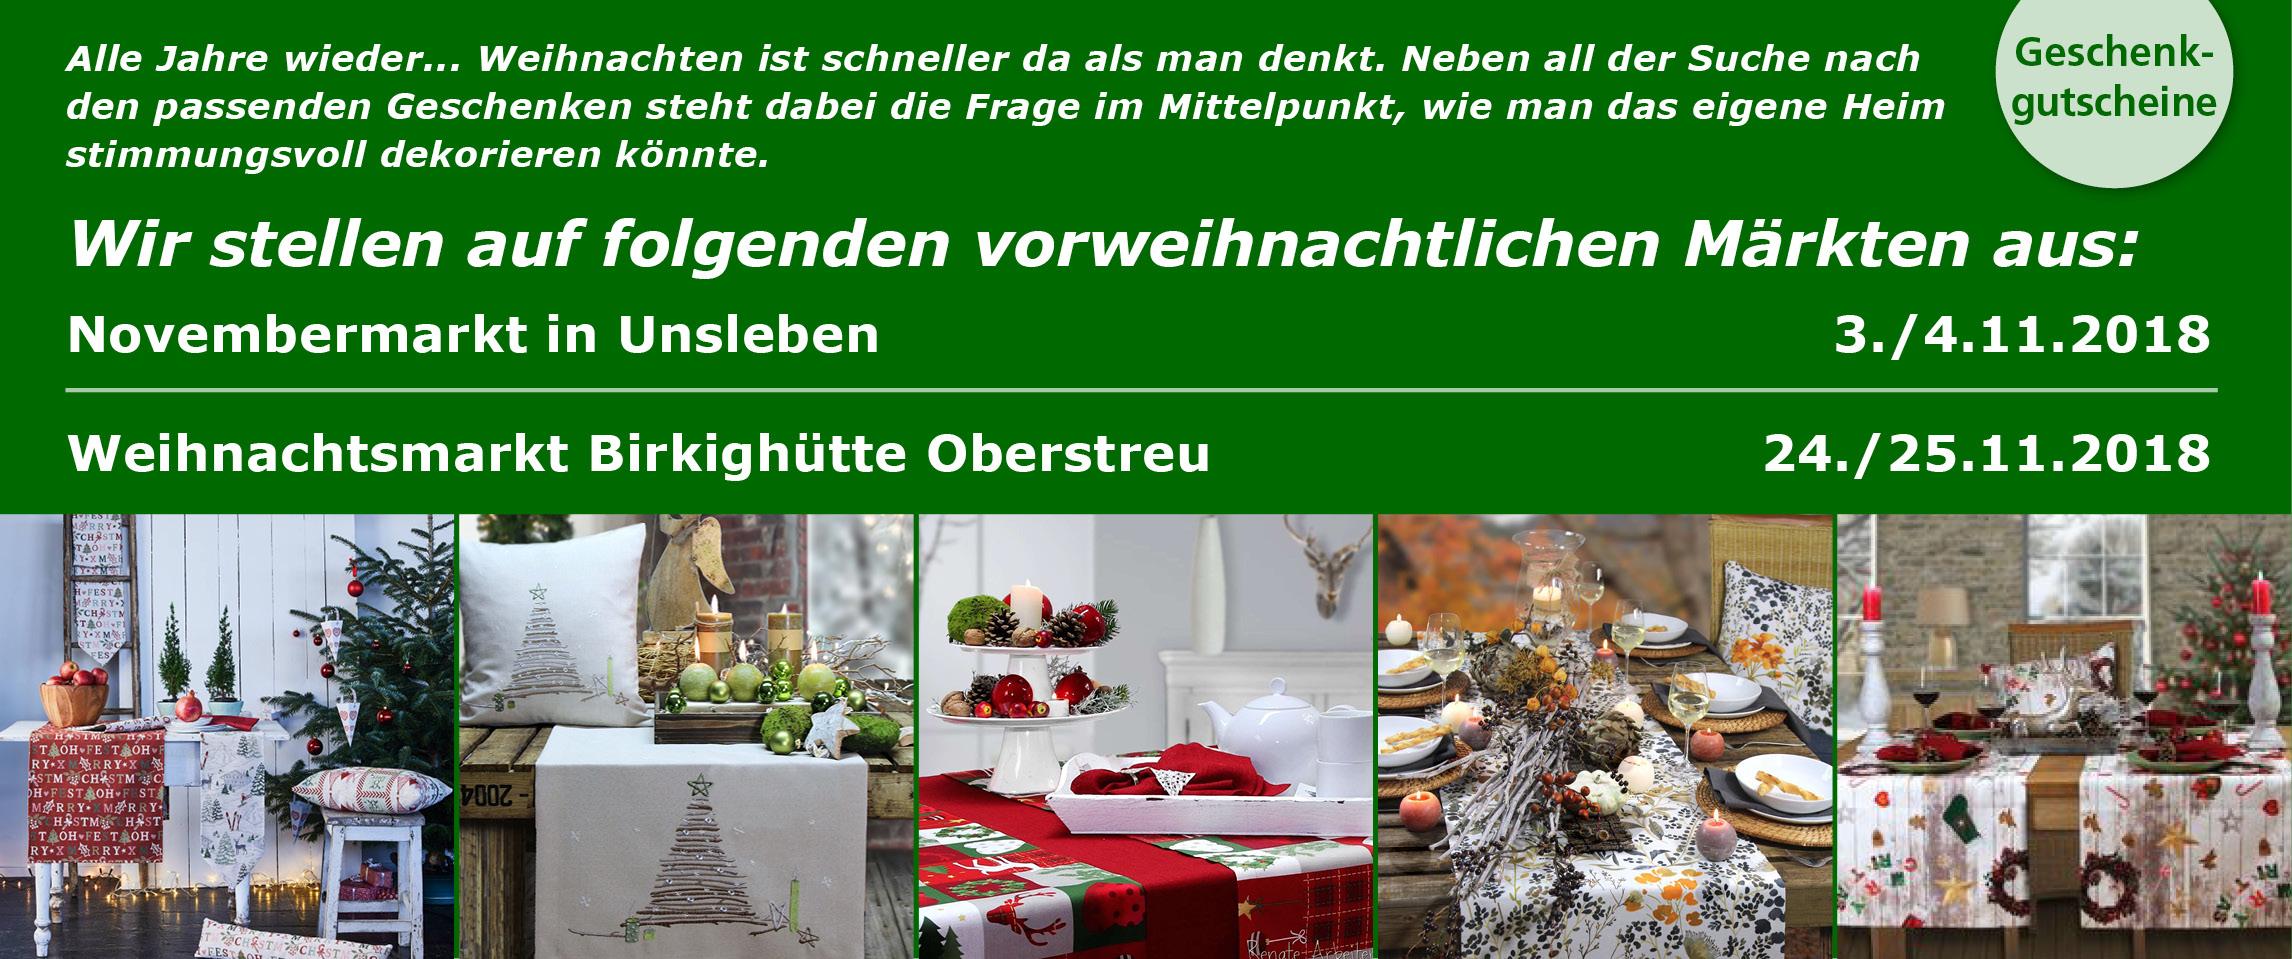 Mölter Weihnachtsmarkt